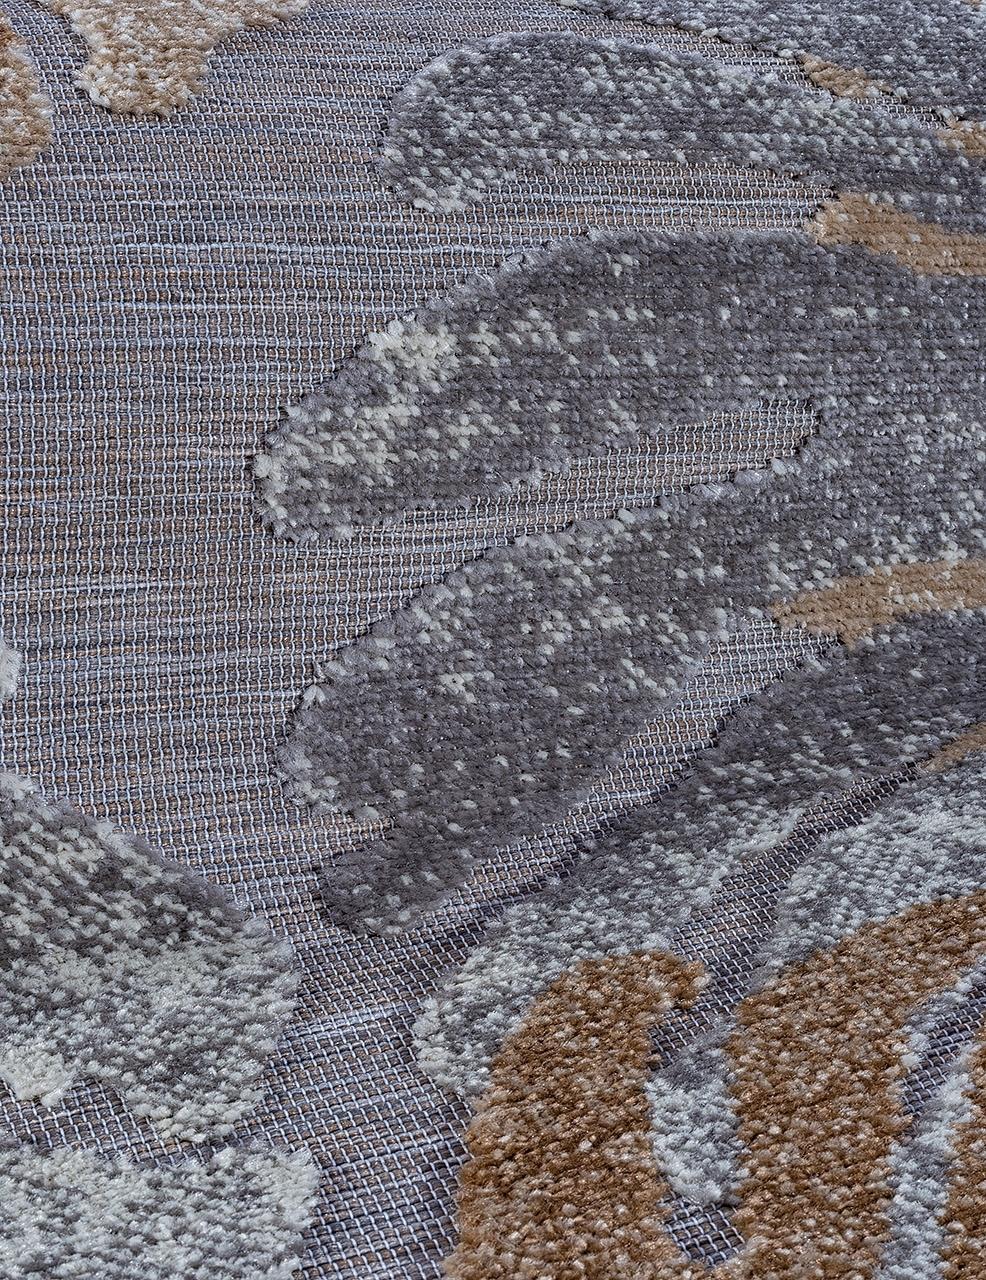 Ковер 6097 - BROWN-BEIGE - Прямоугольник - коллекция SIGMA - фото 4